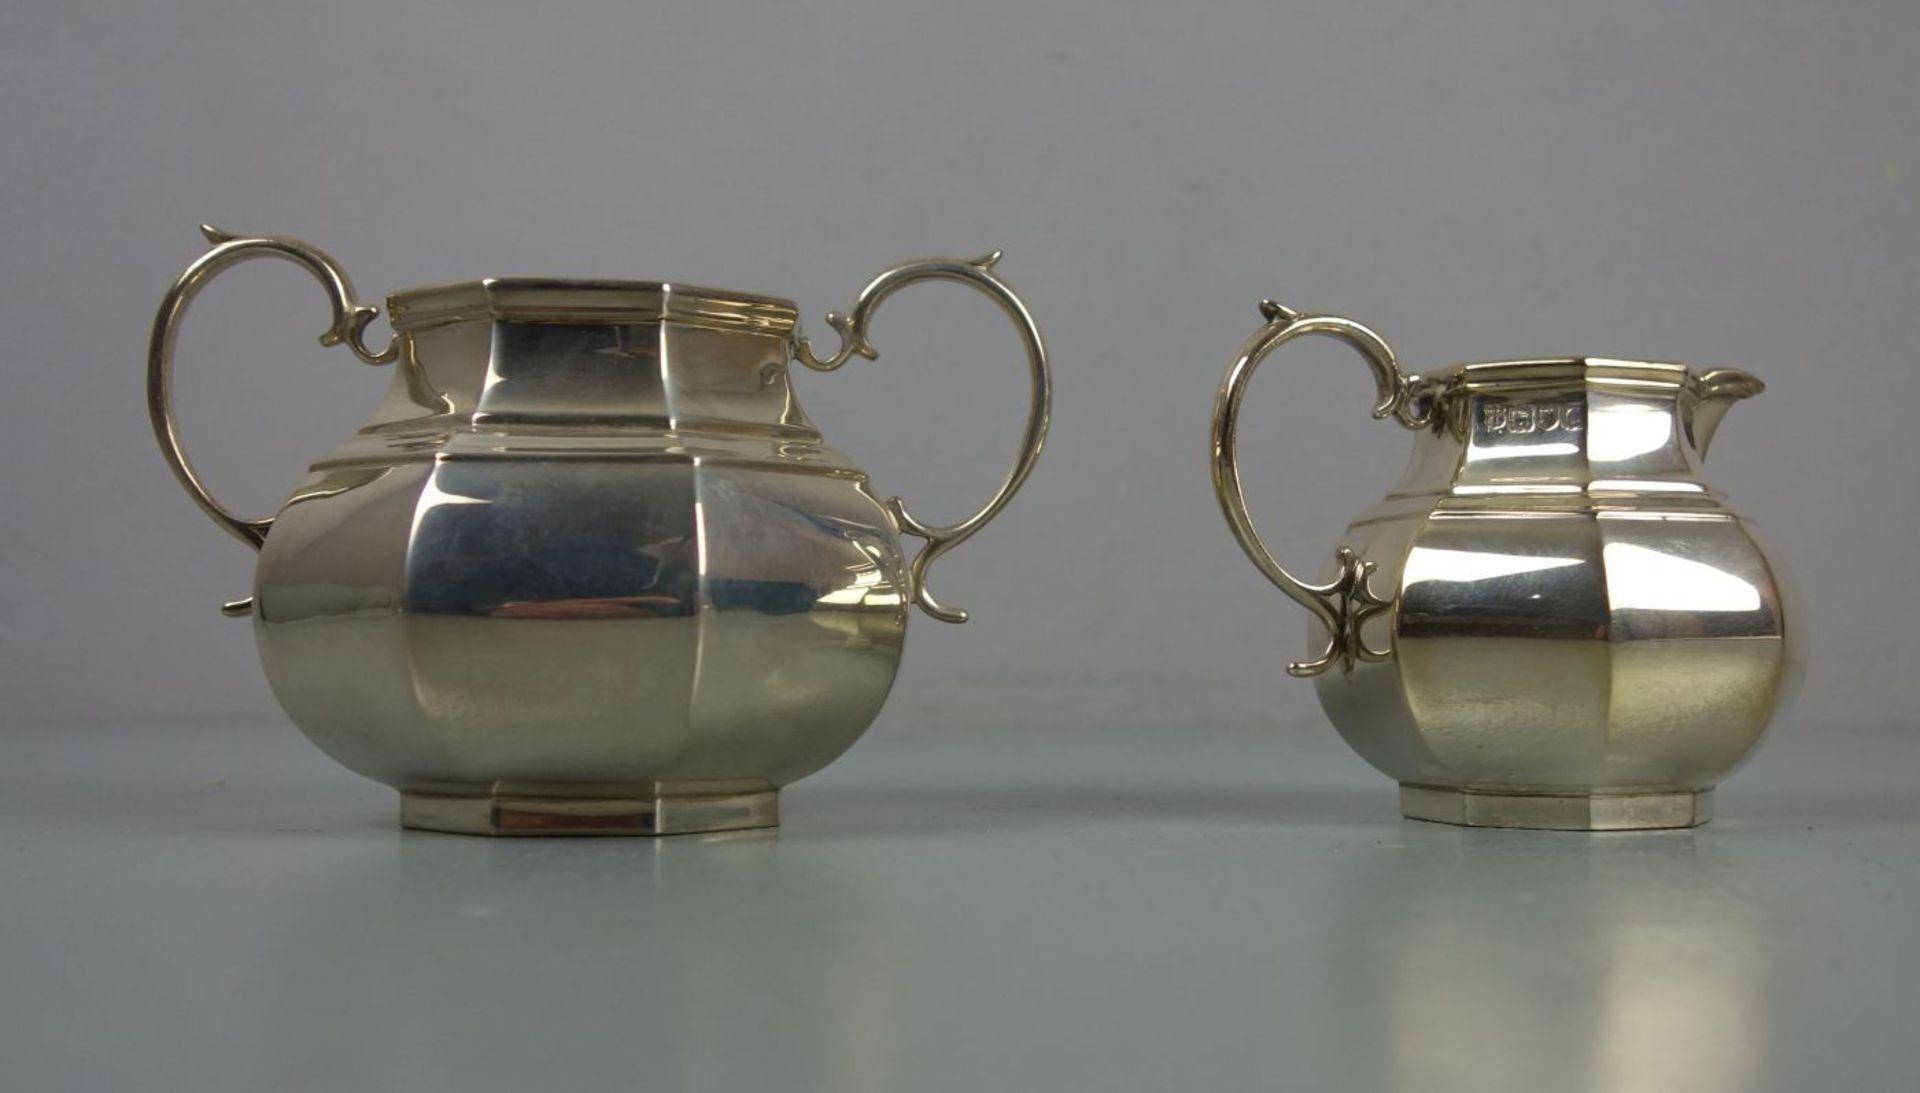 Los 638 - MILCHKÄNNCHEN UND ZUCKERSCHALE / creamer and sugar bowl, Sterlingsilber (insgesamt 401 g), London